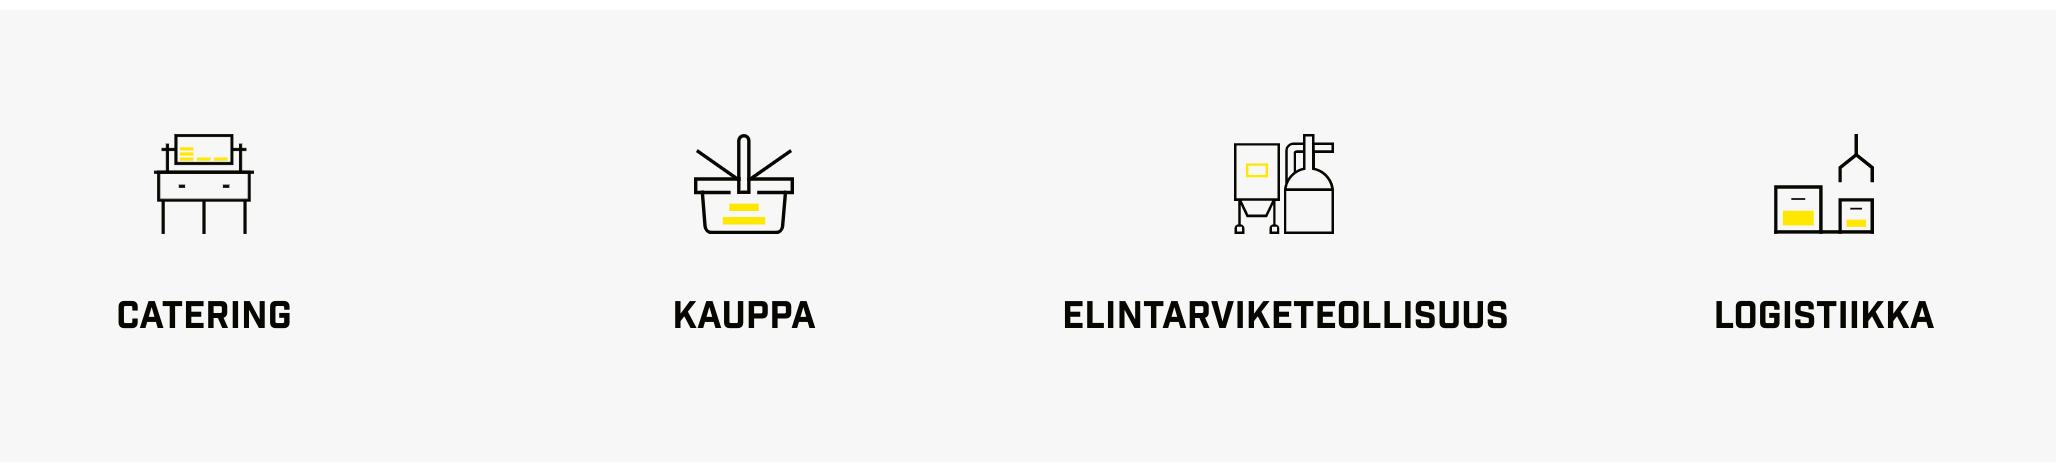 Kuvakkeiden suunnittelu Oy Viima Inn Ltd:lle.